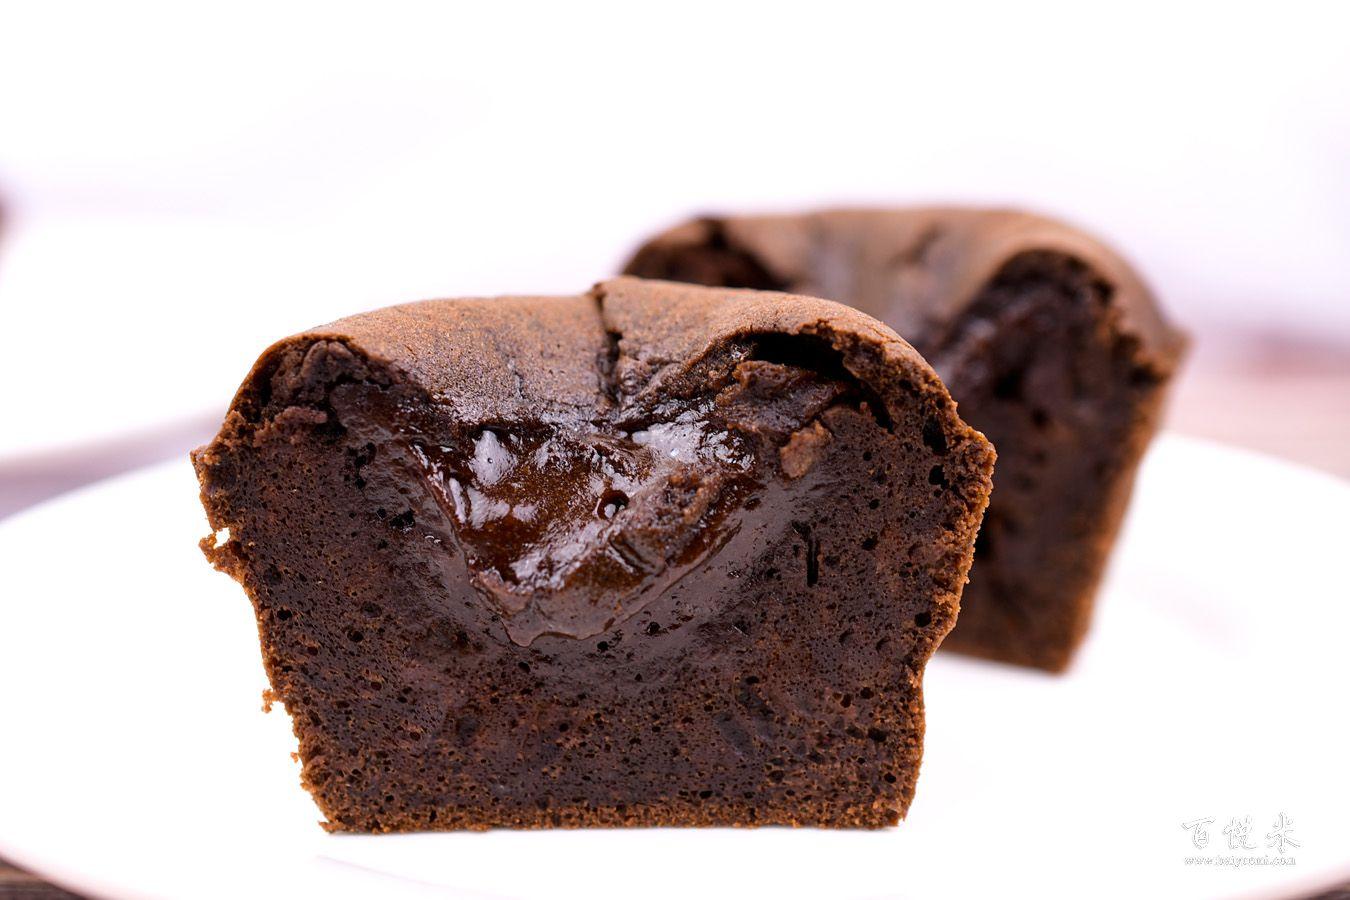 巧克力熔岩蛋糕的做法大全,巧克力熔岩蛋糕培训怎么做